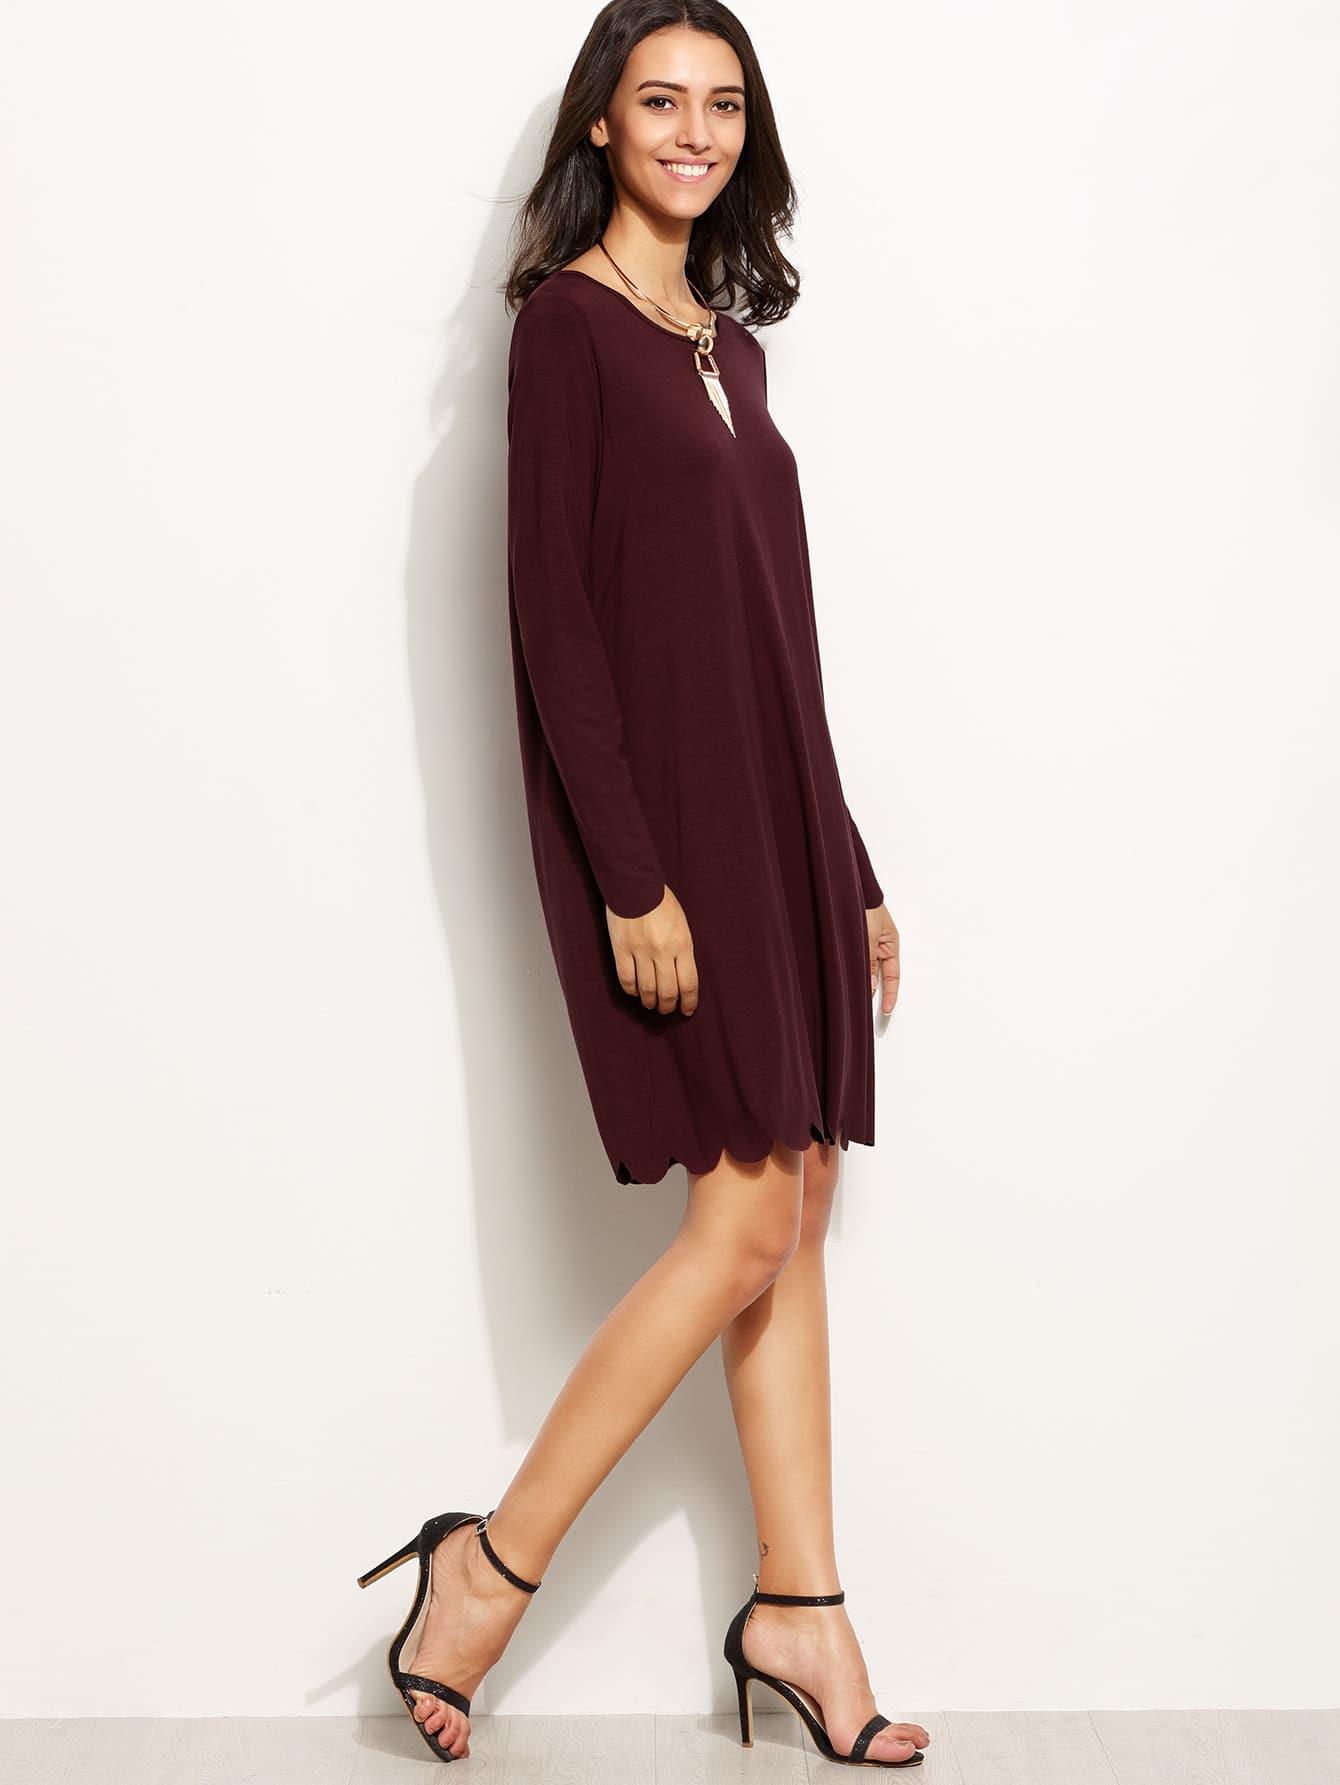 dress160817702_2